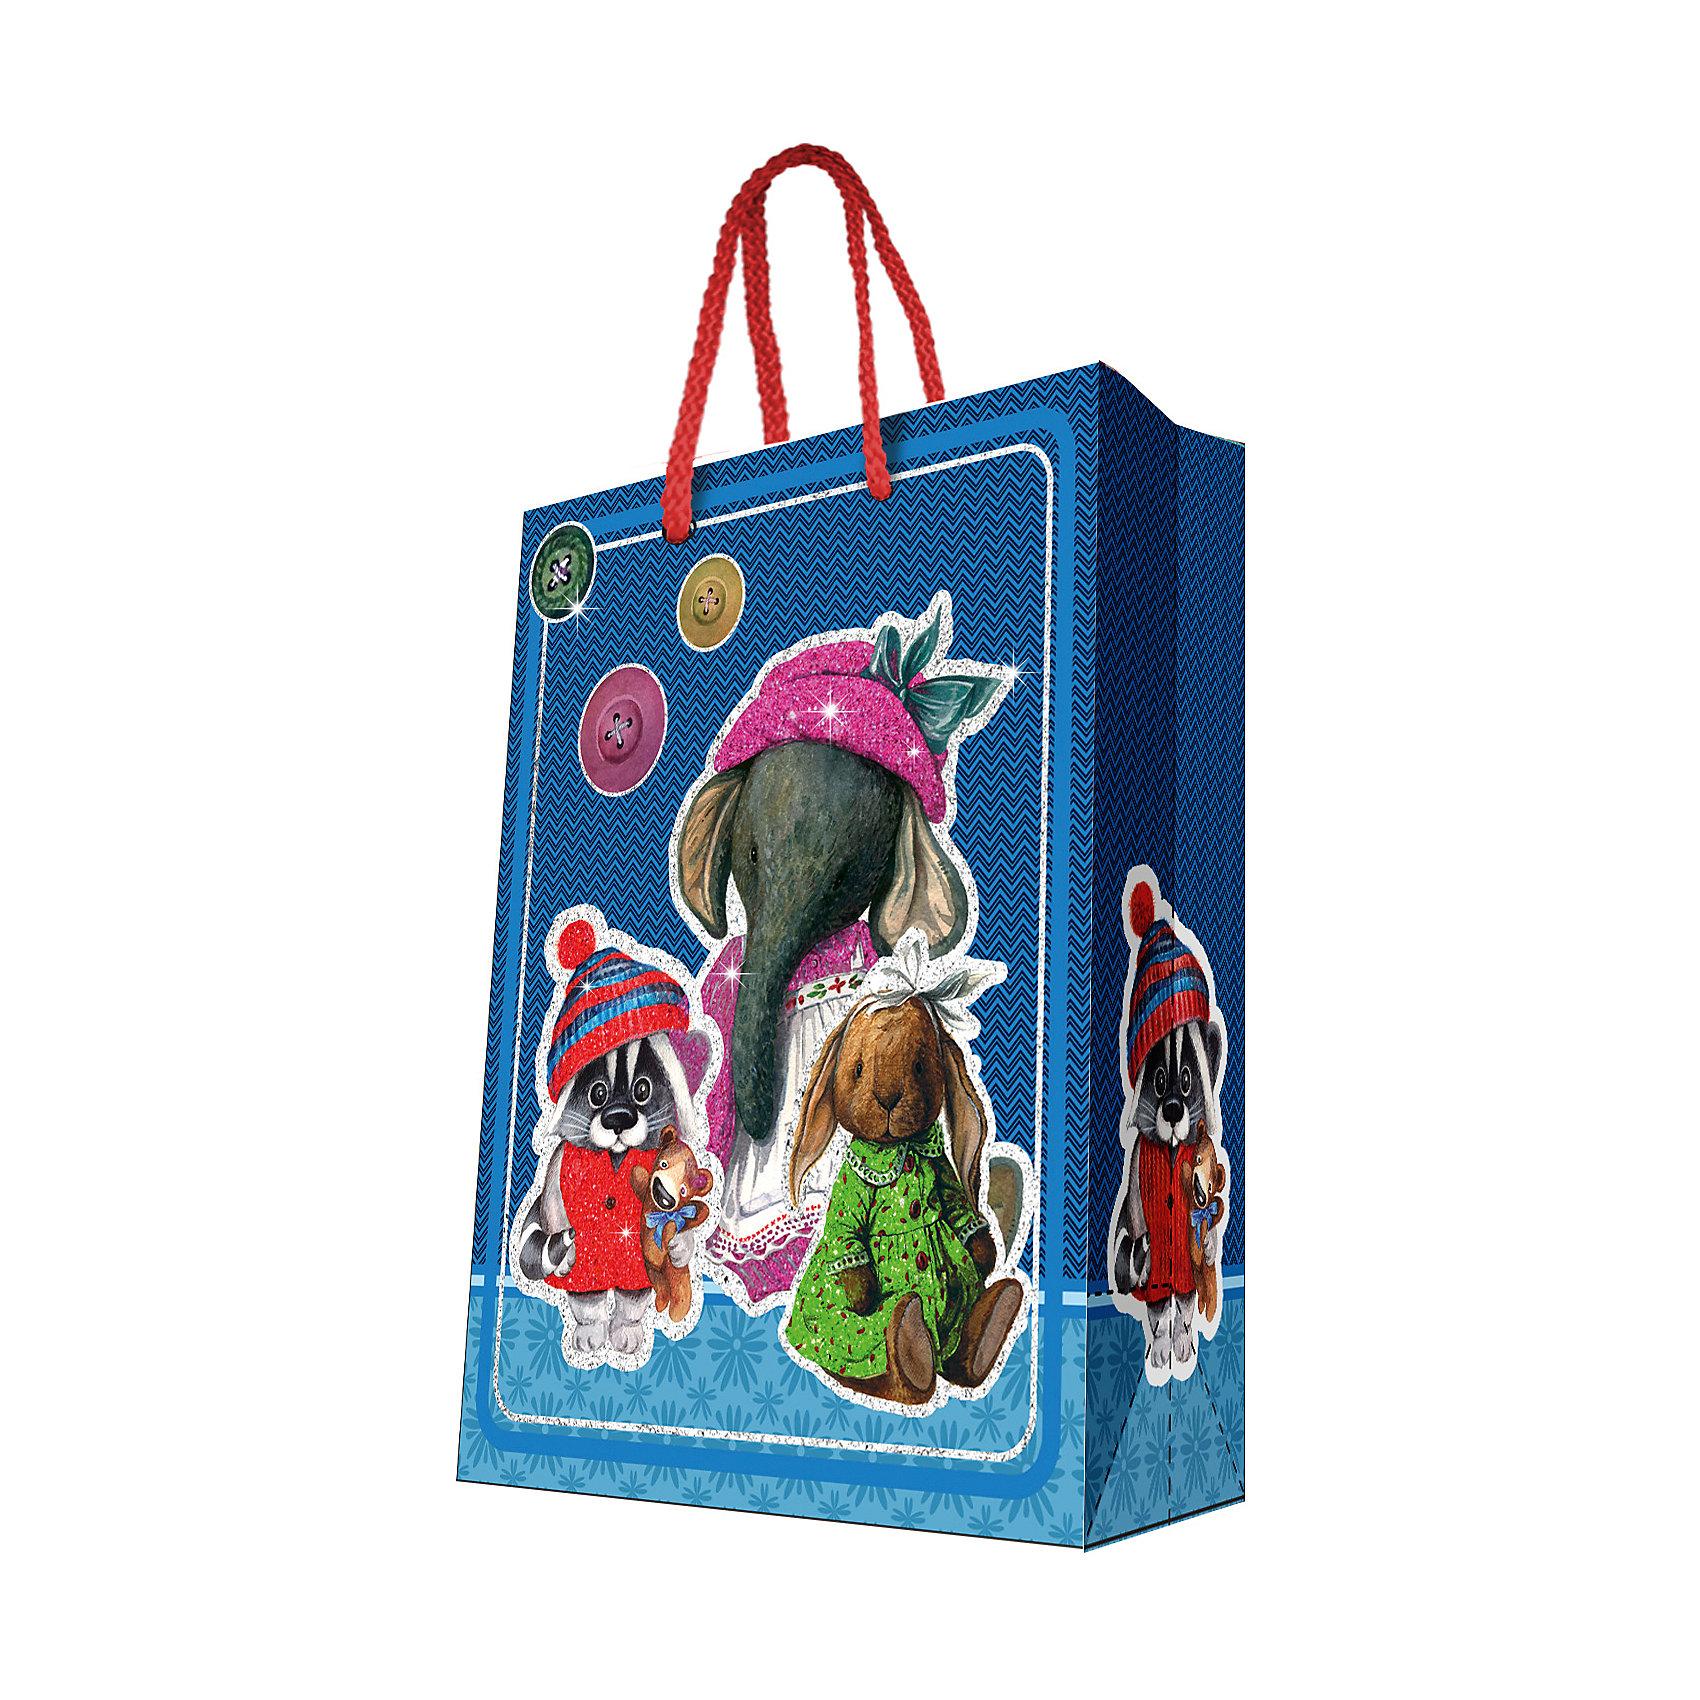 Подарочный пакет Ретро-игрушки 26*32,4*12,7 смКрасиво упакованный подарок приятно получать вдвойне! Прочный красивый бумажный пакет станет прекрасным дополнением к подарку.<br><br>Дополнительная информация:<br><br>- Материал: бумага (плотность бумаги 250 г/м2).<br>- Размер: 26х32,4х12,7 cм.<br>- Ширина основания: 26 см.<br>- Эффект: ламинация.<br><br>Подарочный пакет Ретро-игрушки 26х32,4х12,7 см, можно купить в нашем магазине.<br><br>Ширина мм: 260<br>Глубина мм: 324<br>Высота мм: 127<br>Вес г: 100<br>Возраст от месяцев: 36<br>Возраст до месяцев: 2147483647<br>Пол: Женский<br>Возраст: Детский<br>SKU: 4548402